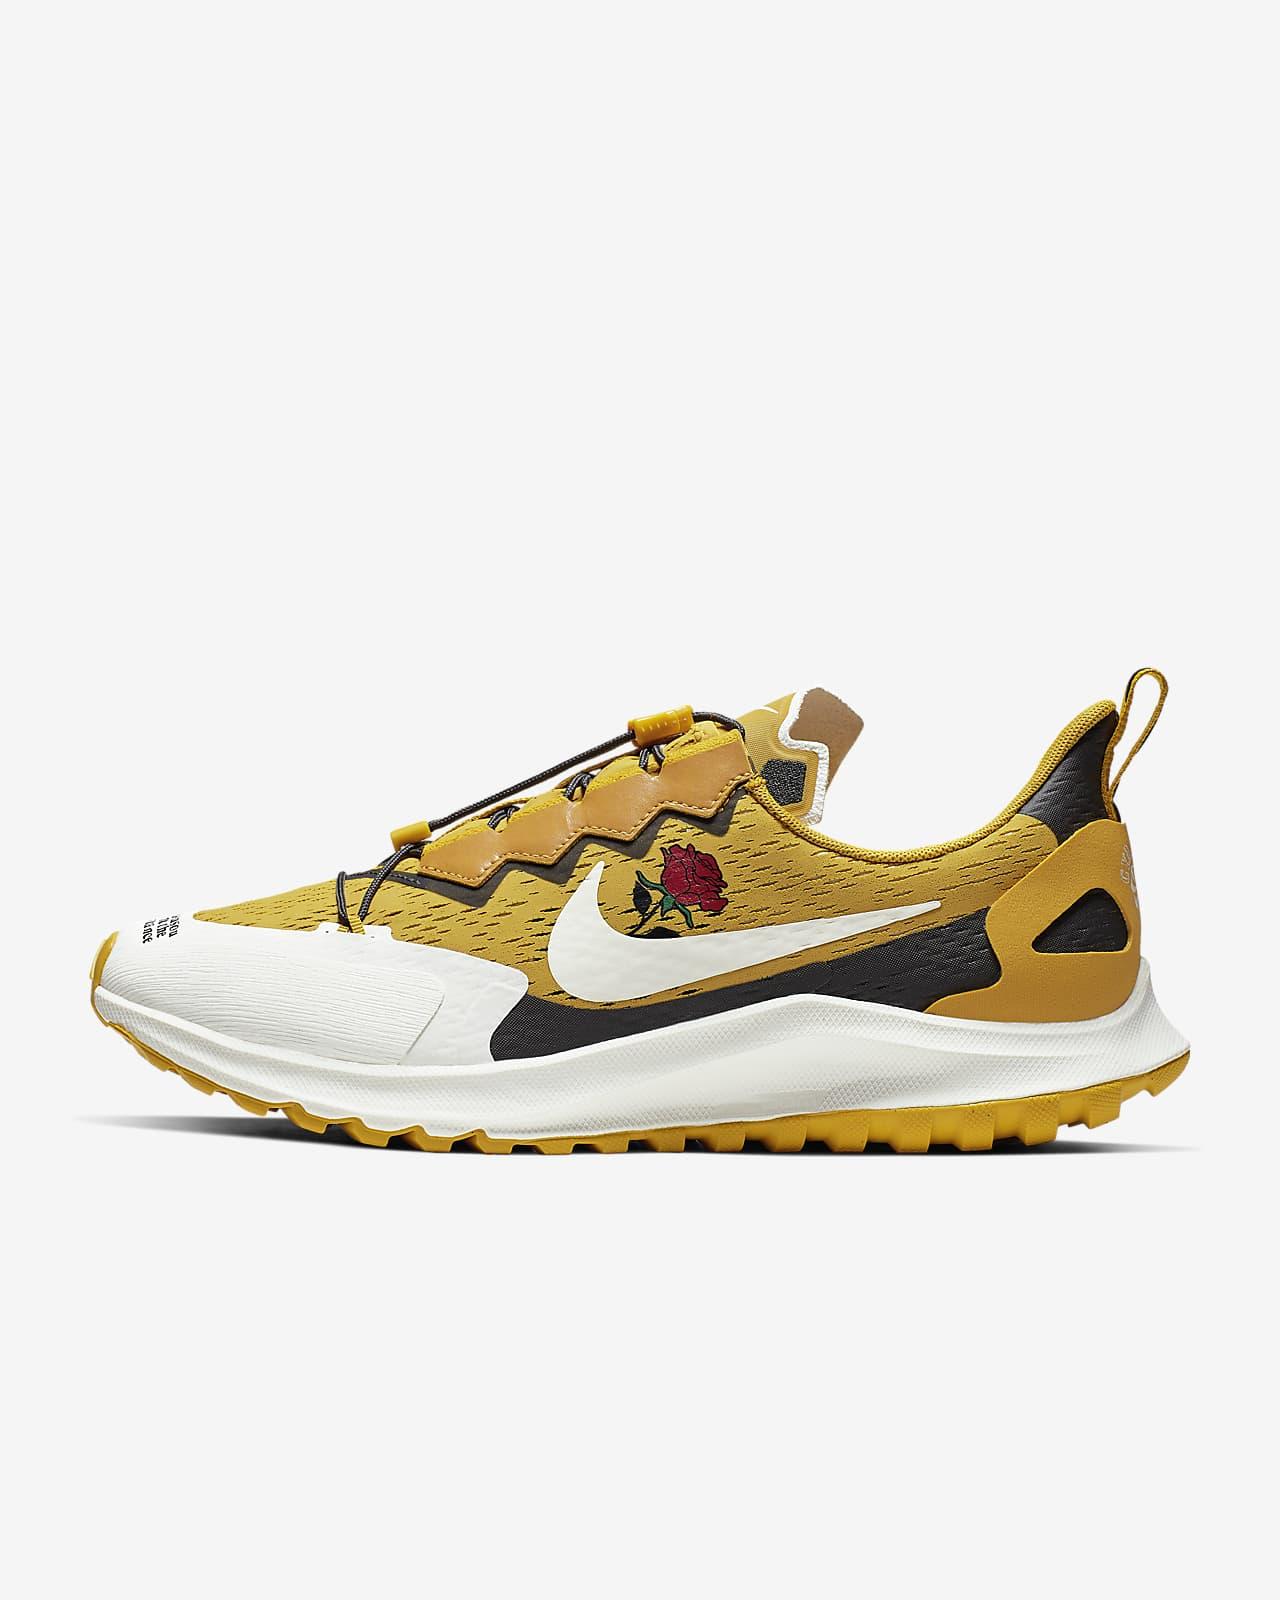 Nike x Gyakusou Zoom Pegasus 36 Trail